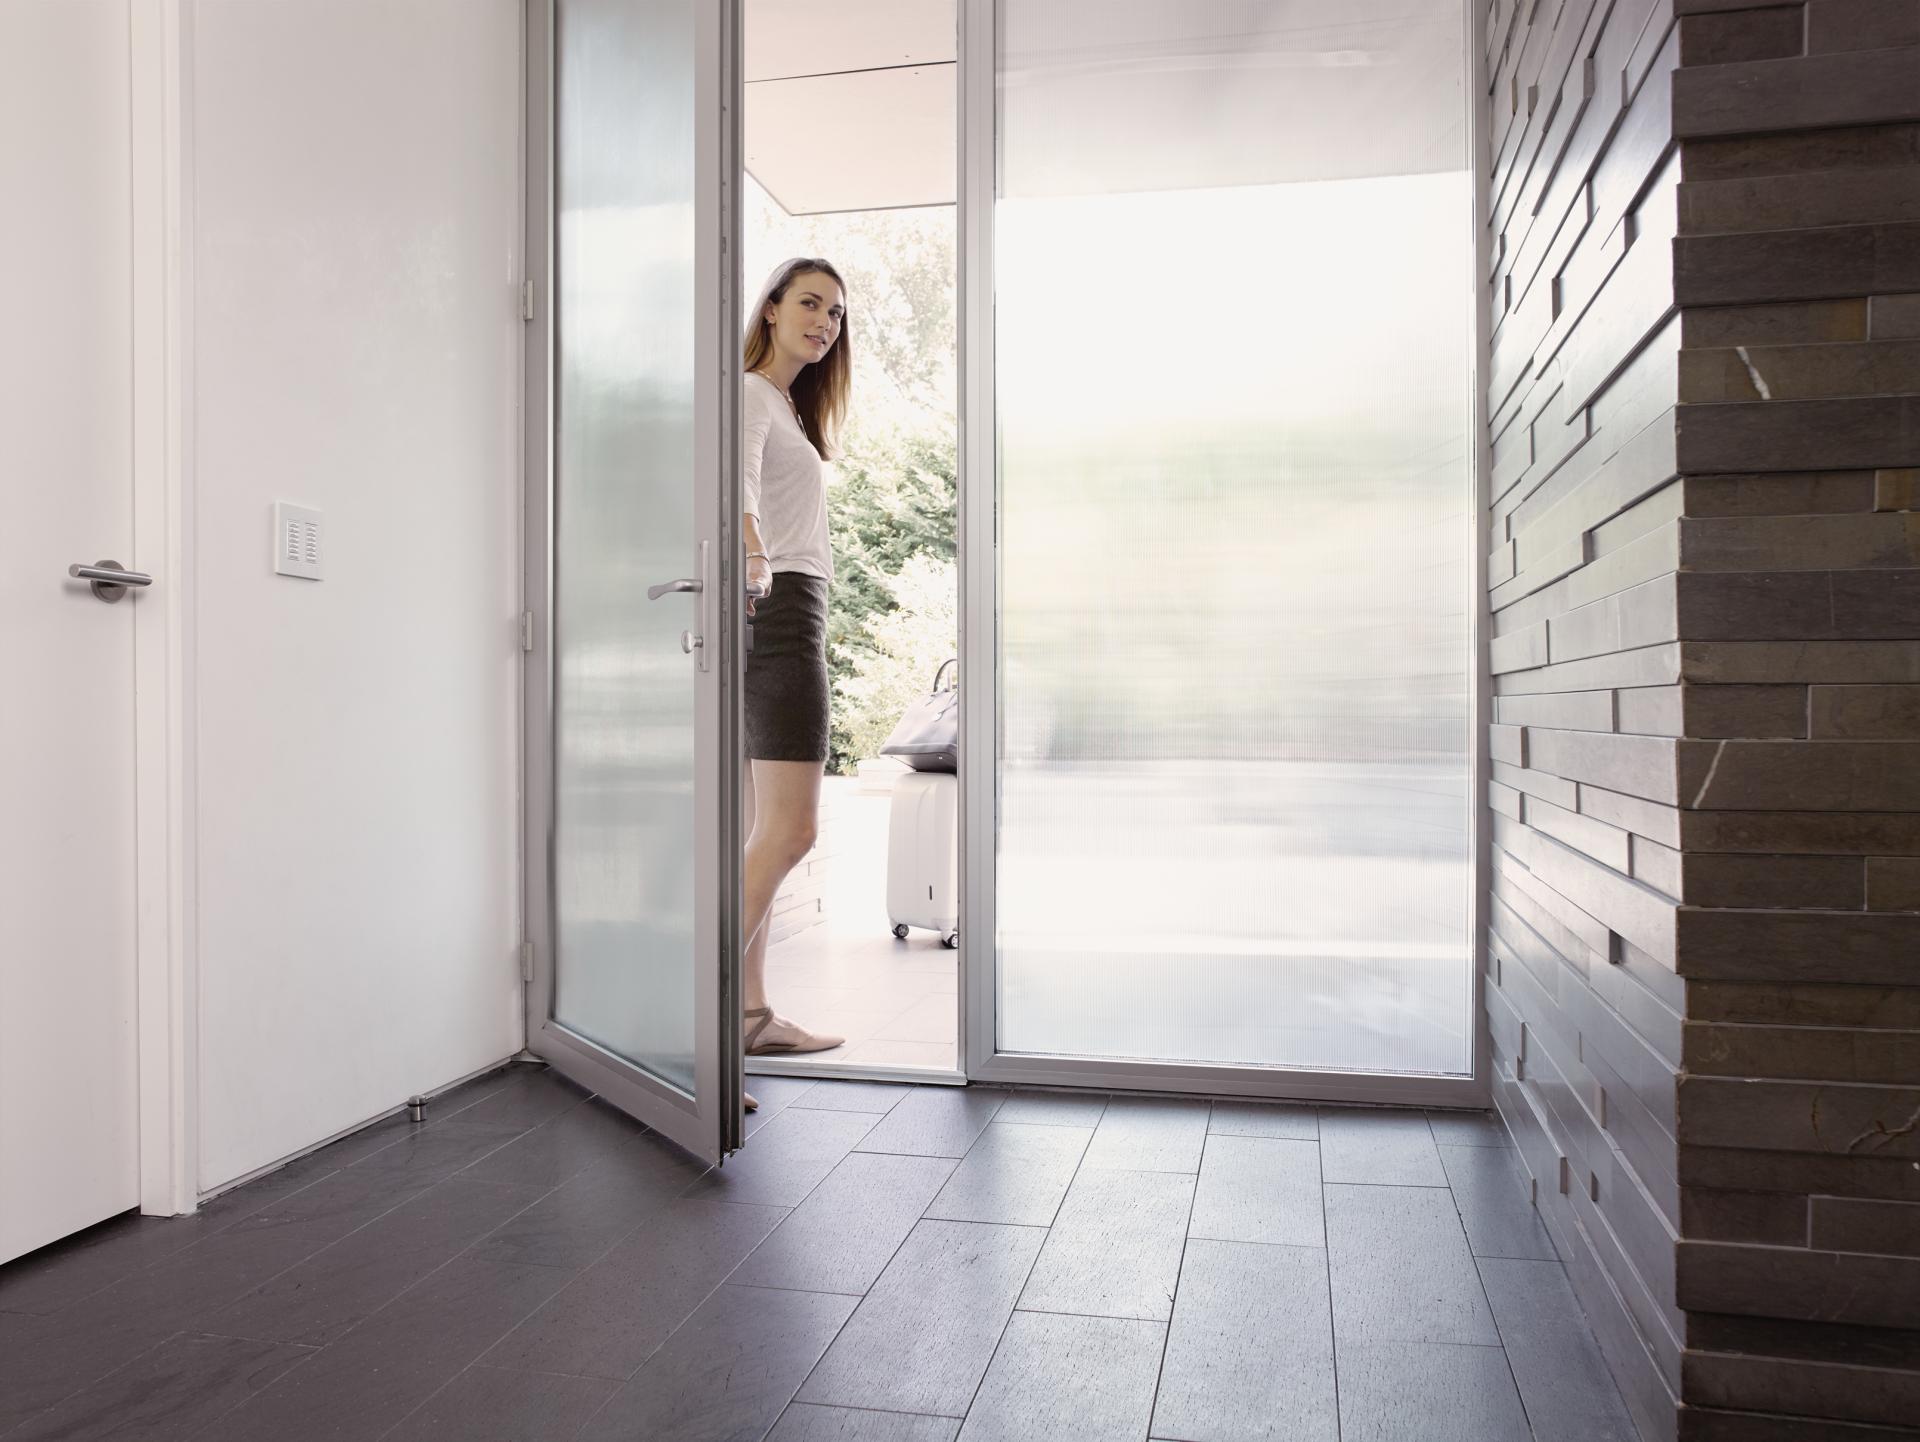 intercom, doorbell, keyless entry